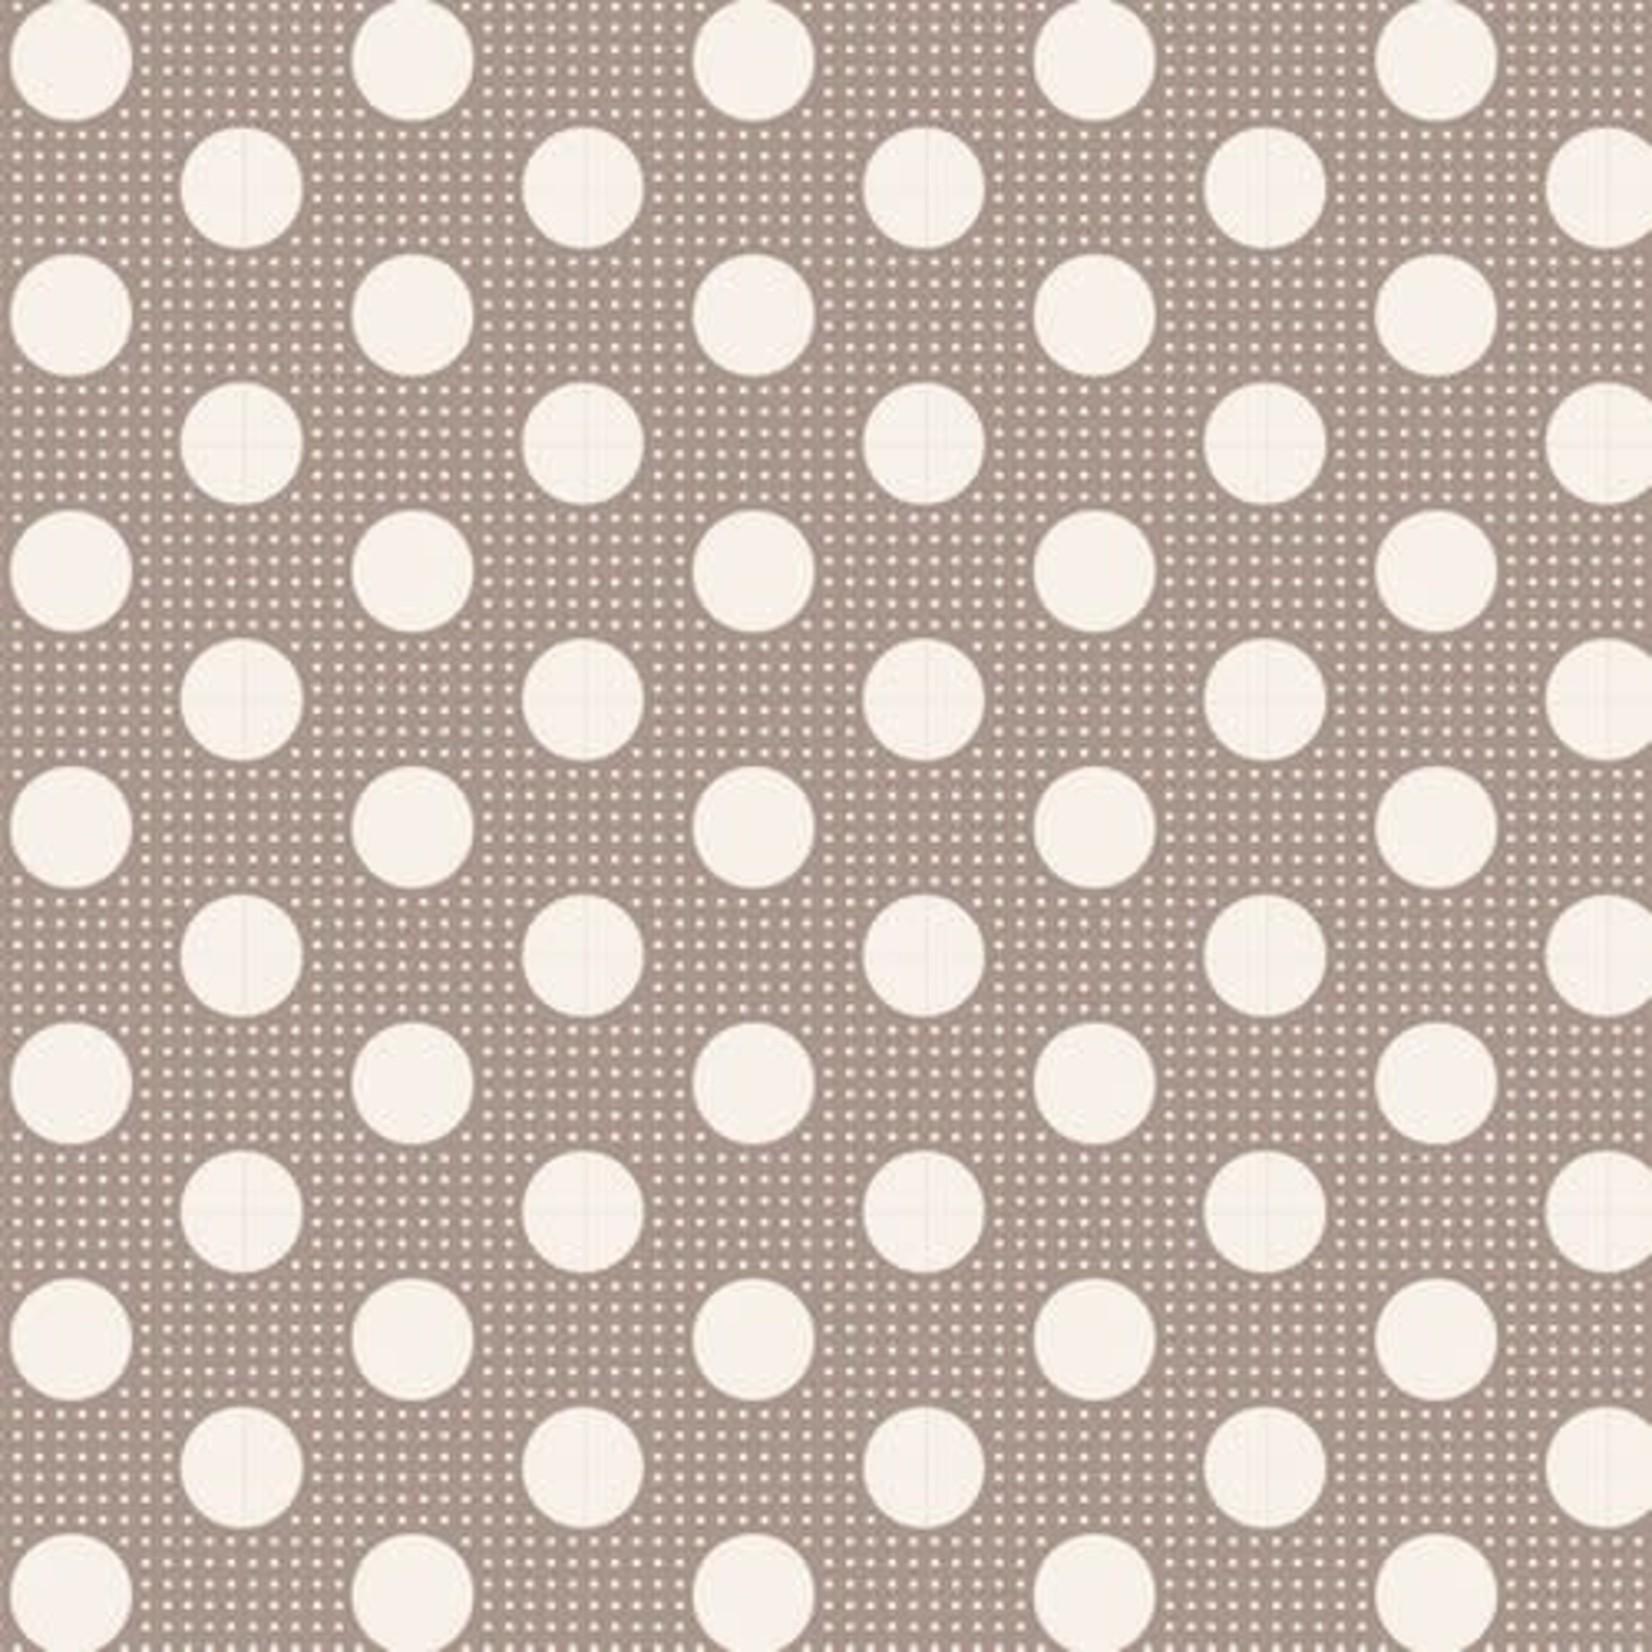 Tilda Tilda Basics Medium Dots, Grey - per cm or $20/m